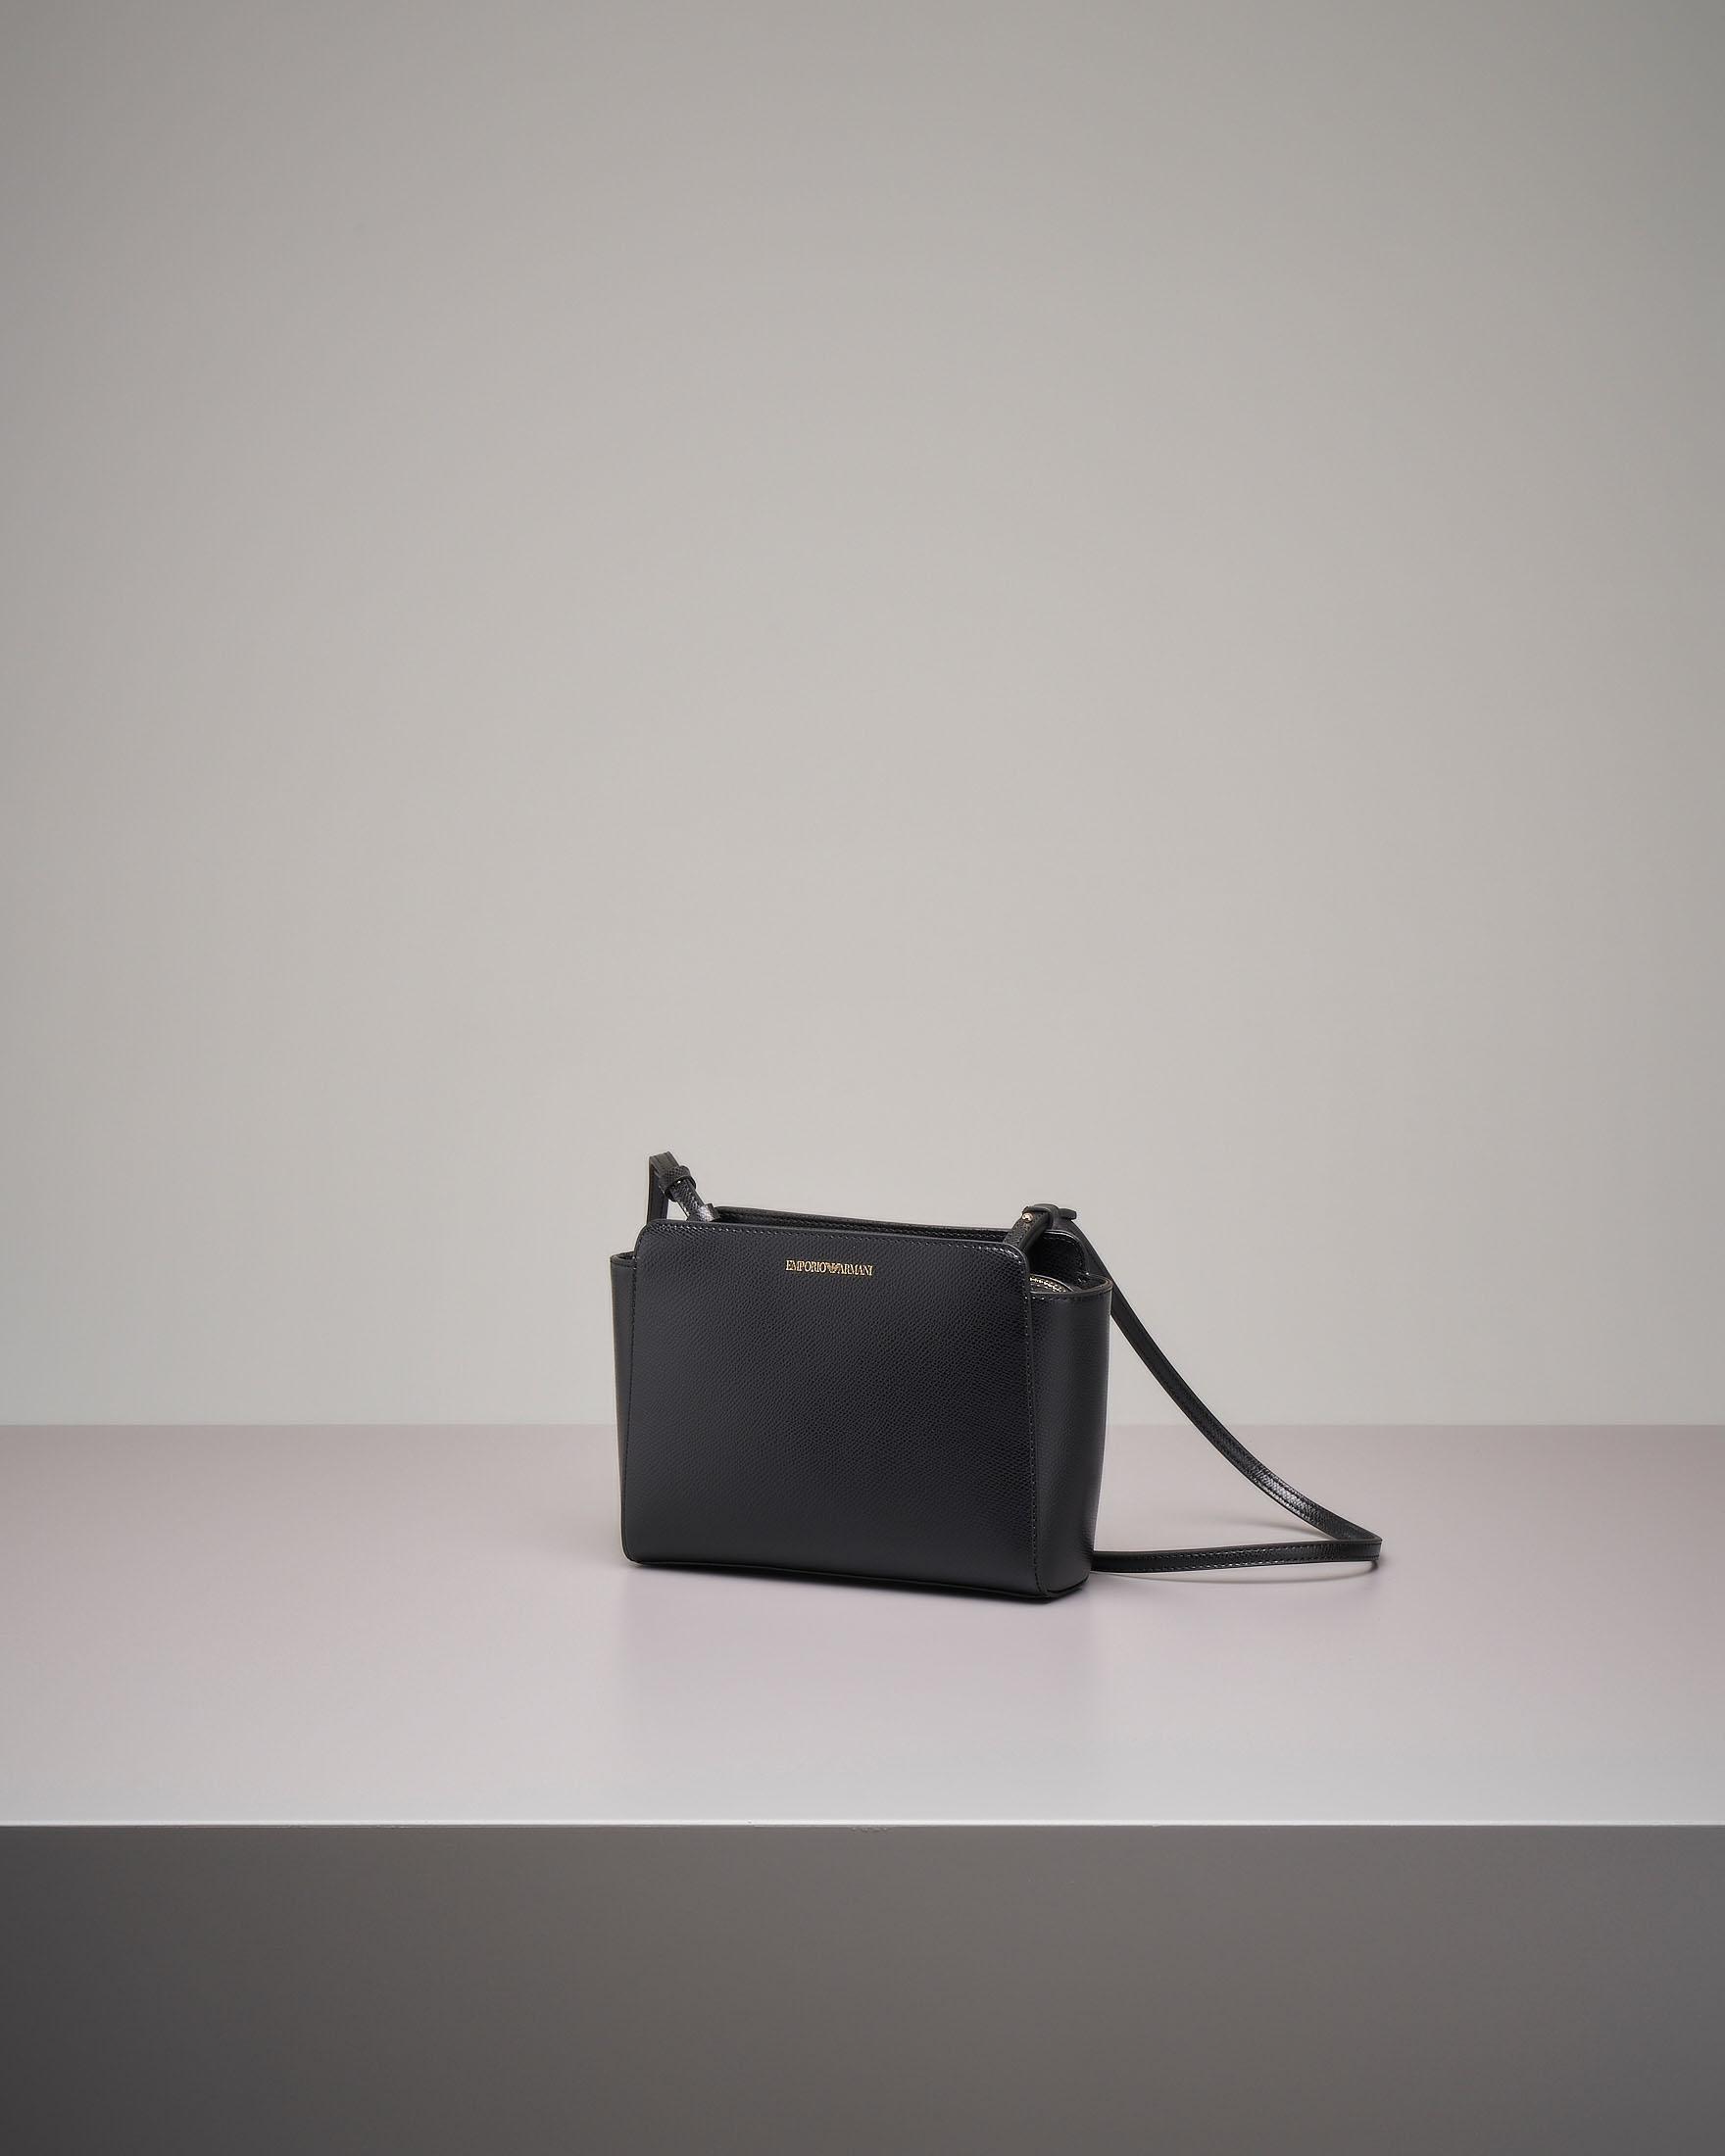 Cross bag nera · Emporio Armani f7e48af0ed779